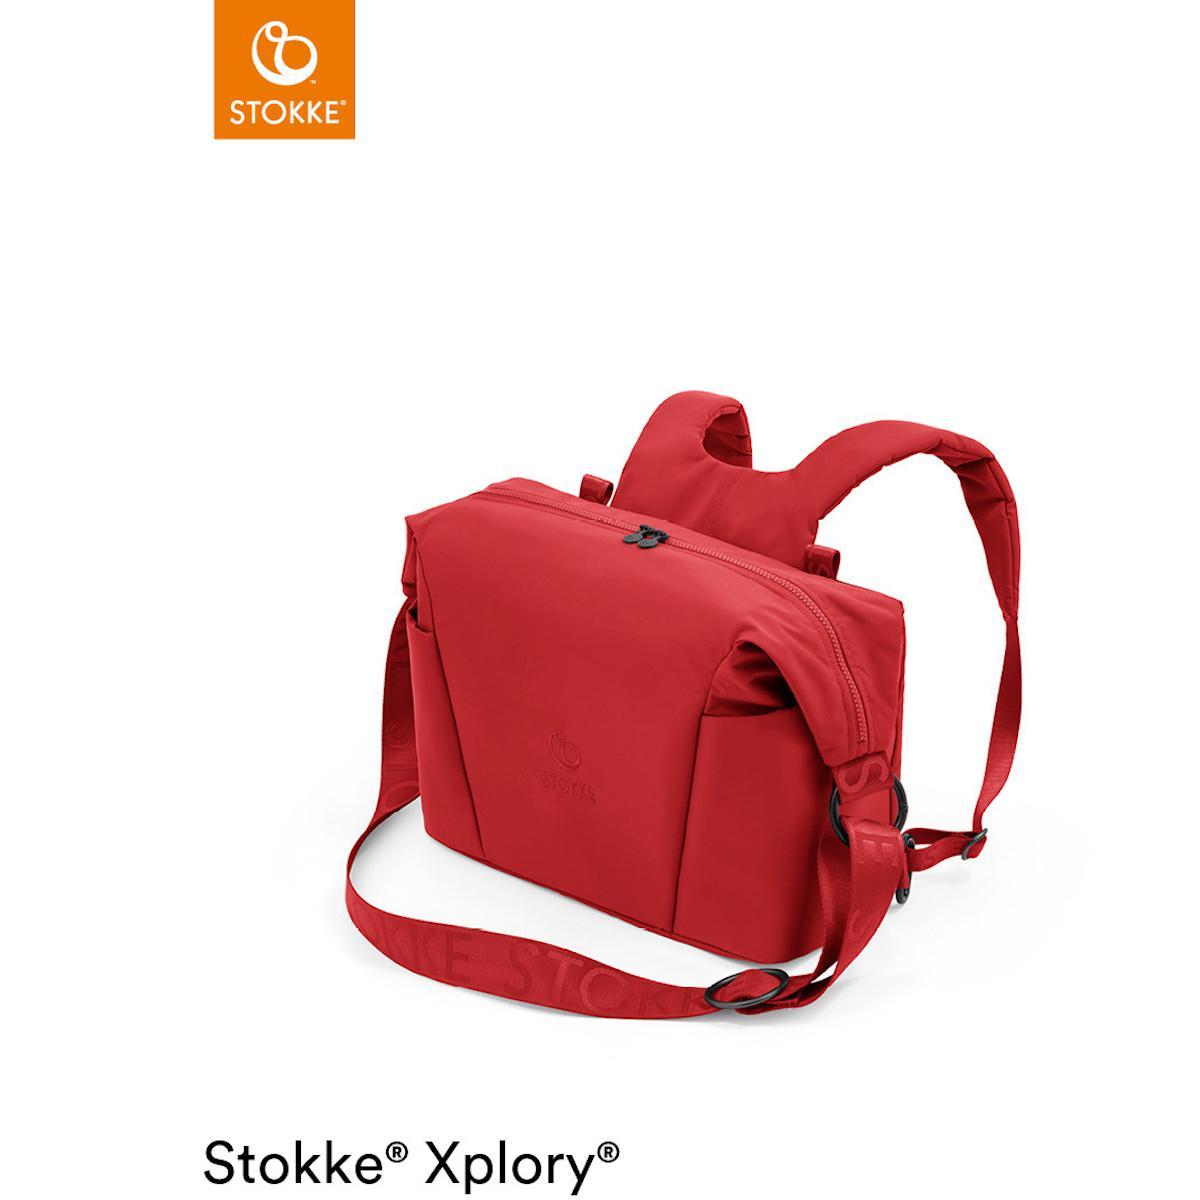 Sac à langer XPLORY X Stokke Ruby Red